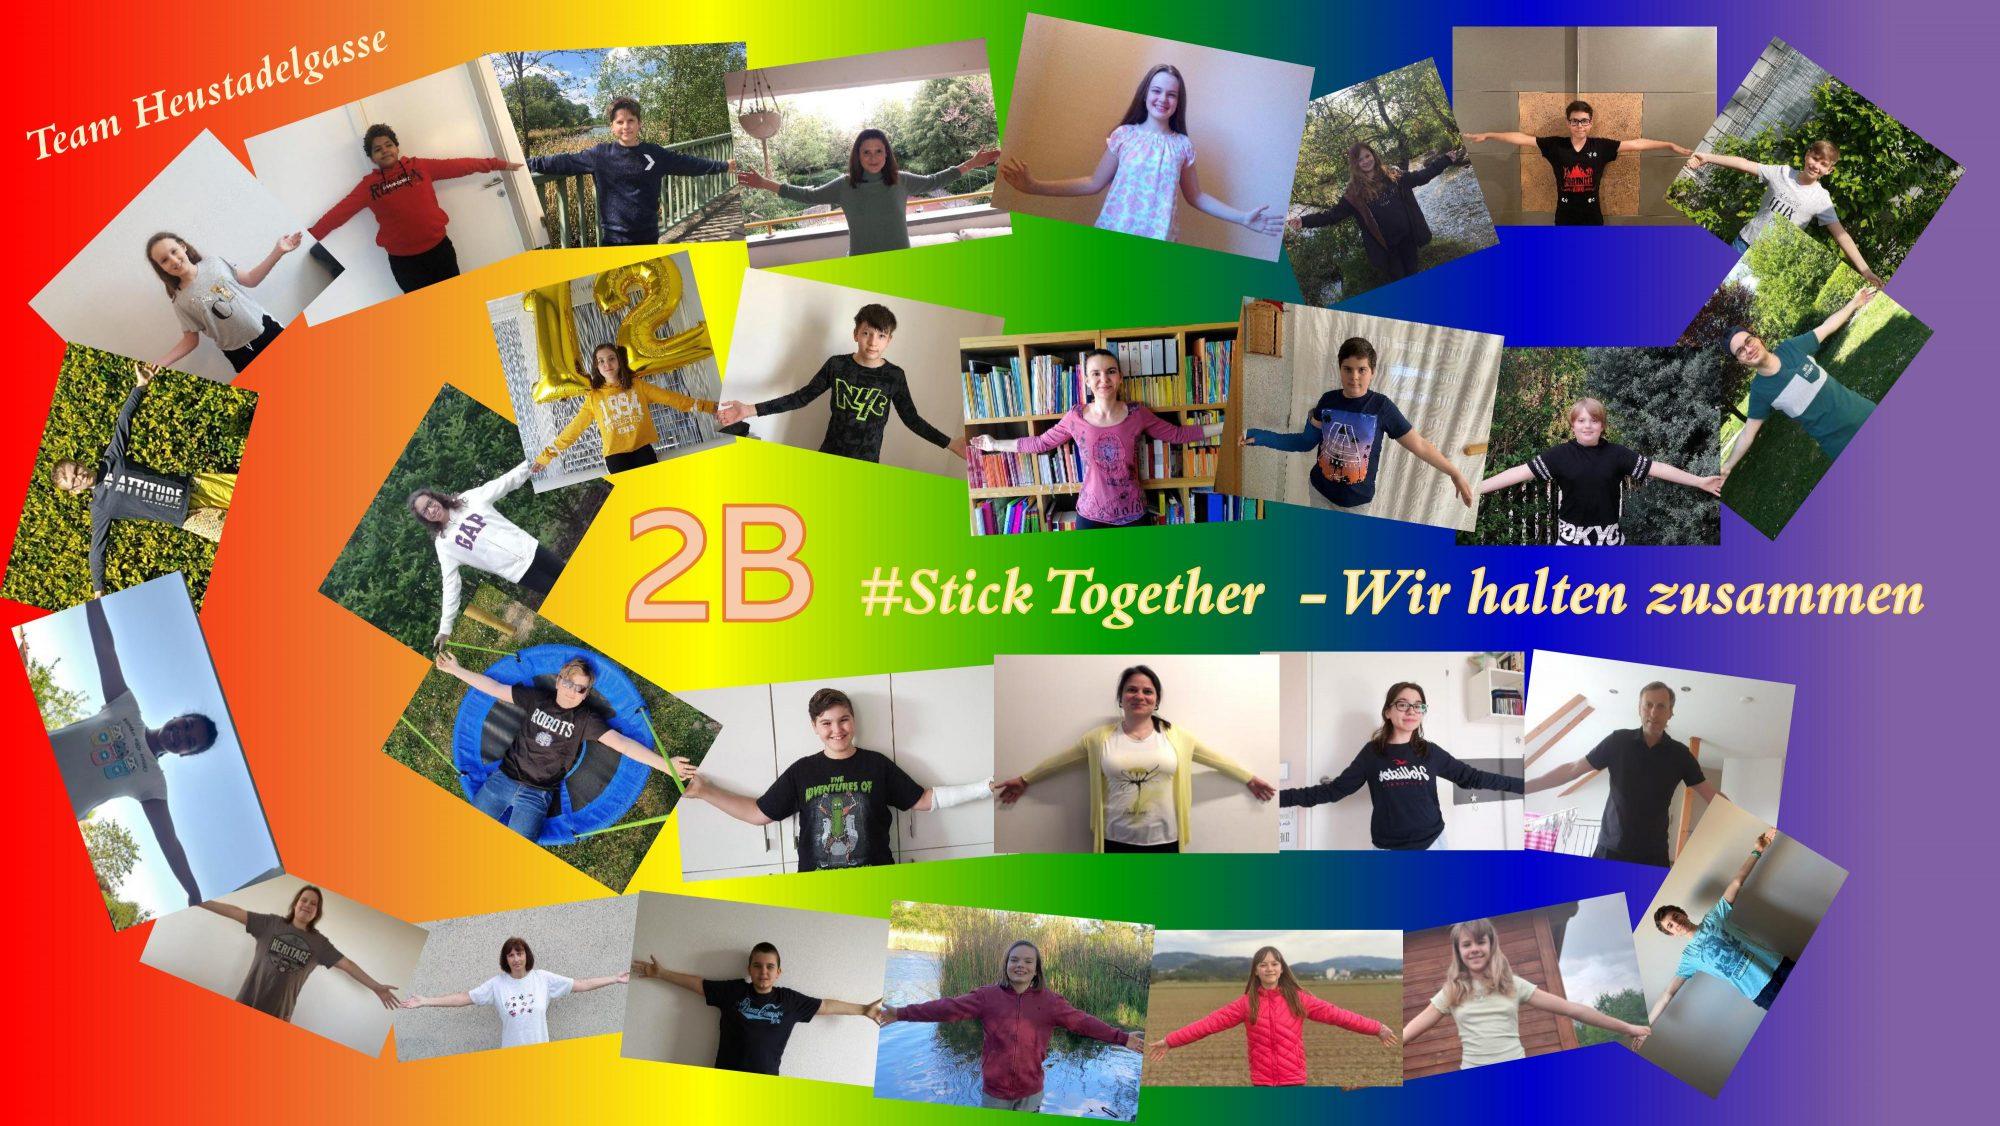 2B_Stick Together